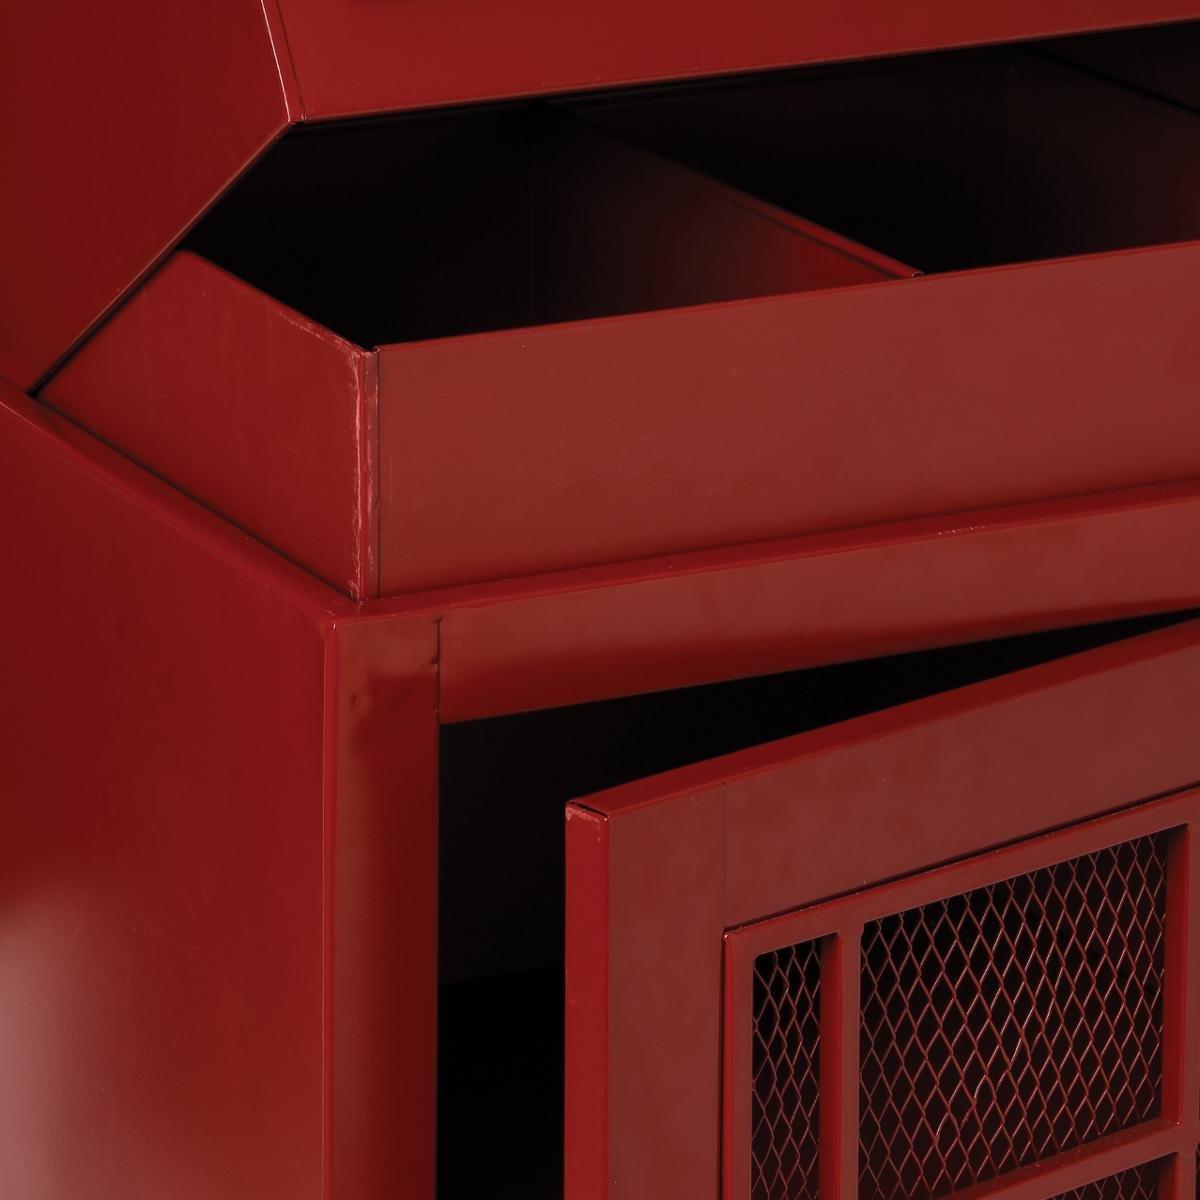 De Haute Qualite Meuble étagère Grande Cabine Téléphonique   Style London   Coloris ROUGE:  Amazon.fr: Cuisine U0026 Maison